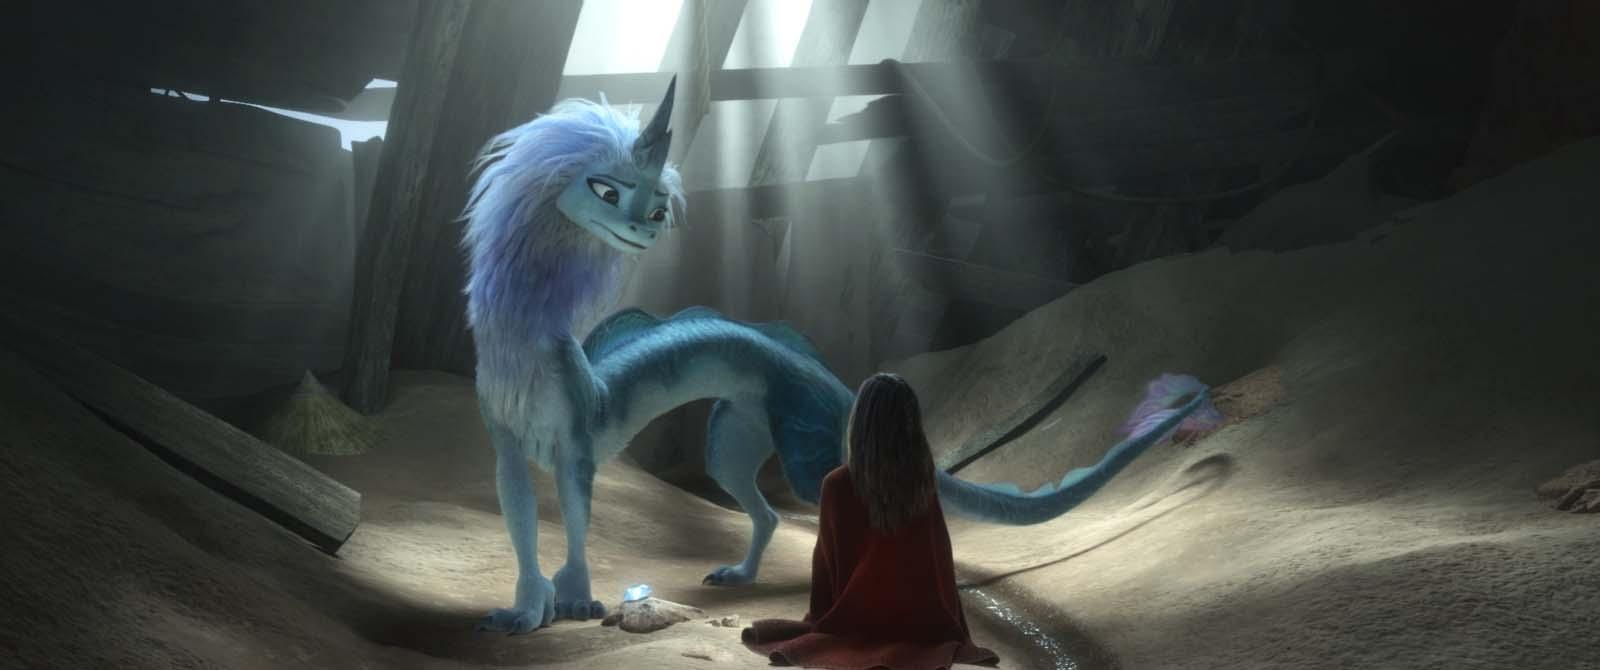 Image du film Raya et le dernier Dragon